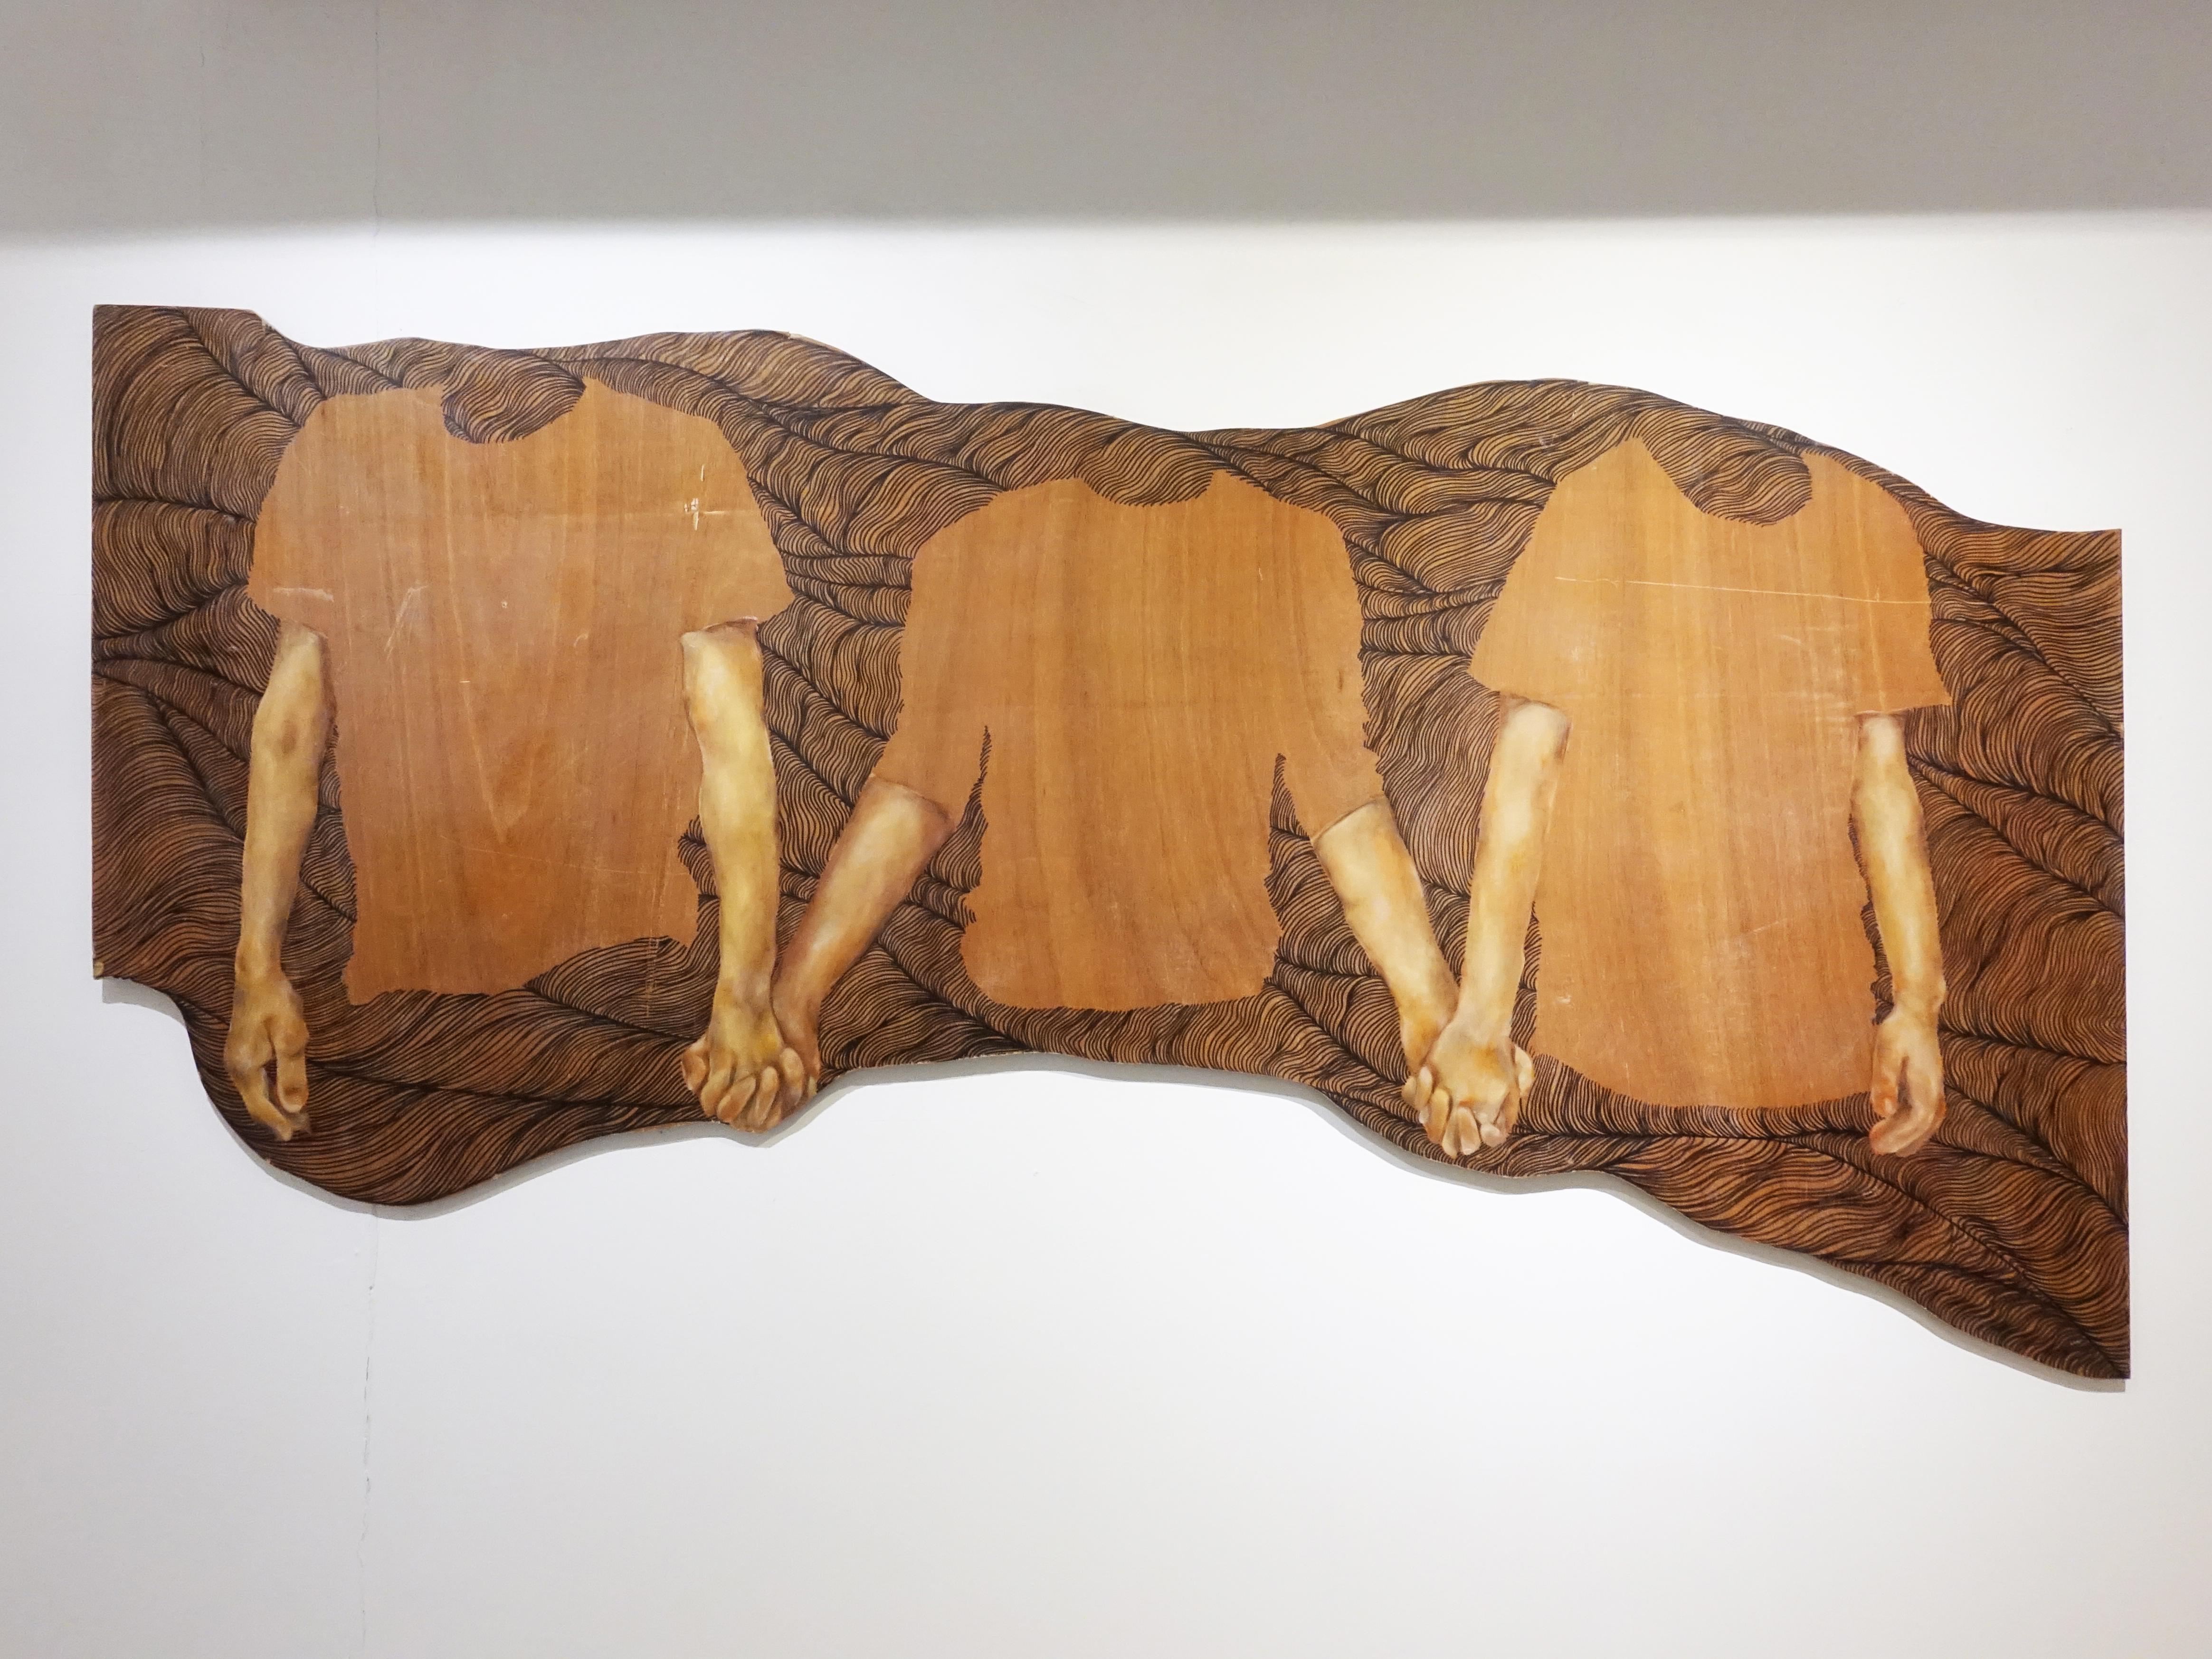 連師屏,《我們就是我們所想的》,木材、油彩,78 x 130 cm,2017。